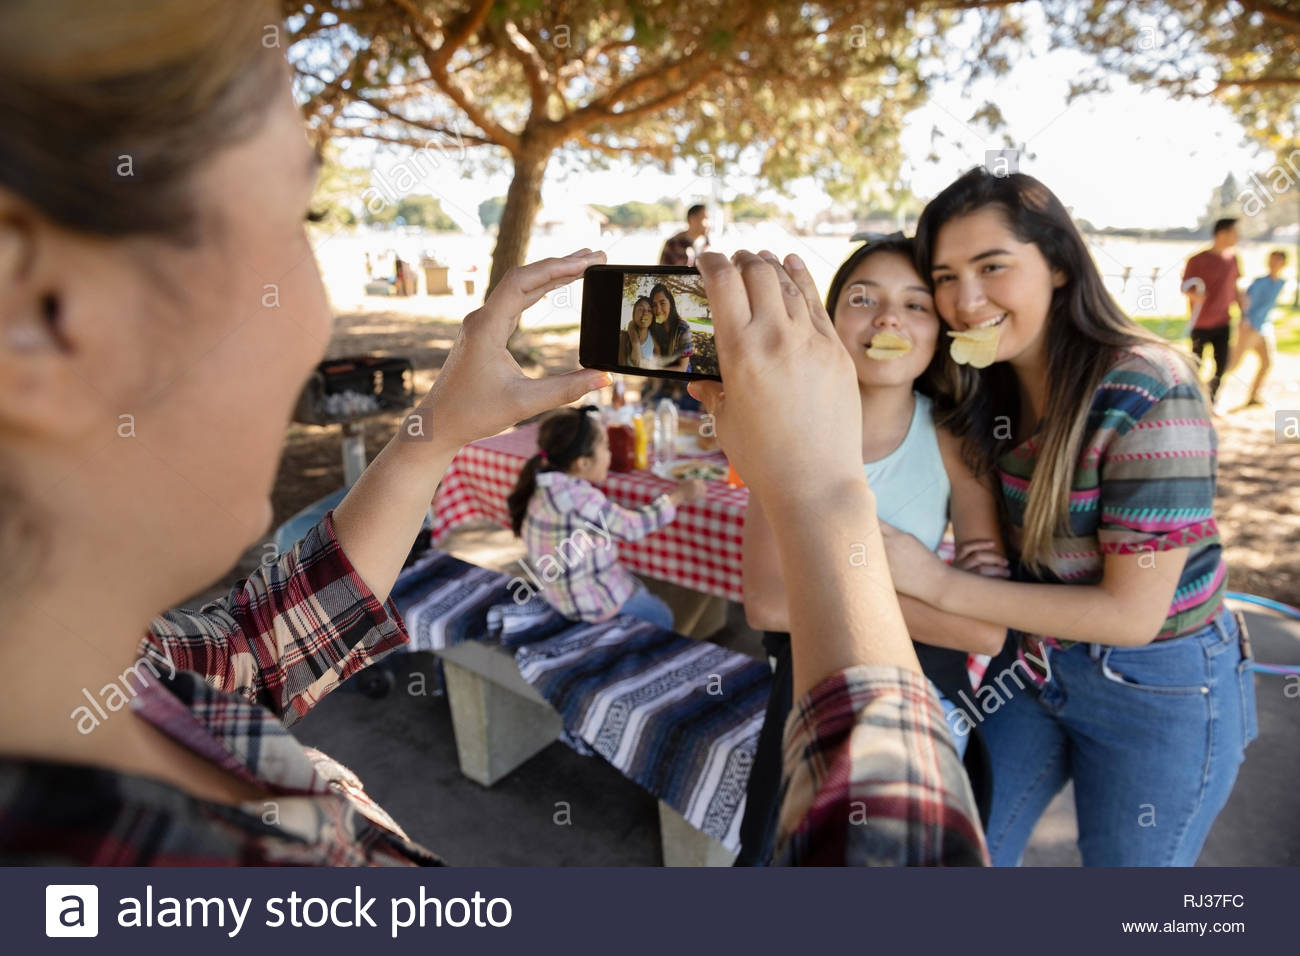 Frau mit Kamera Handy fotografieren verspielten Mädchen im Park Stockfoto